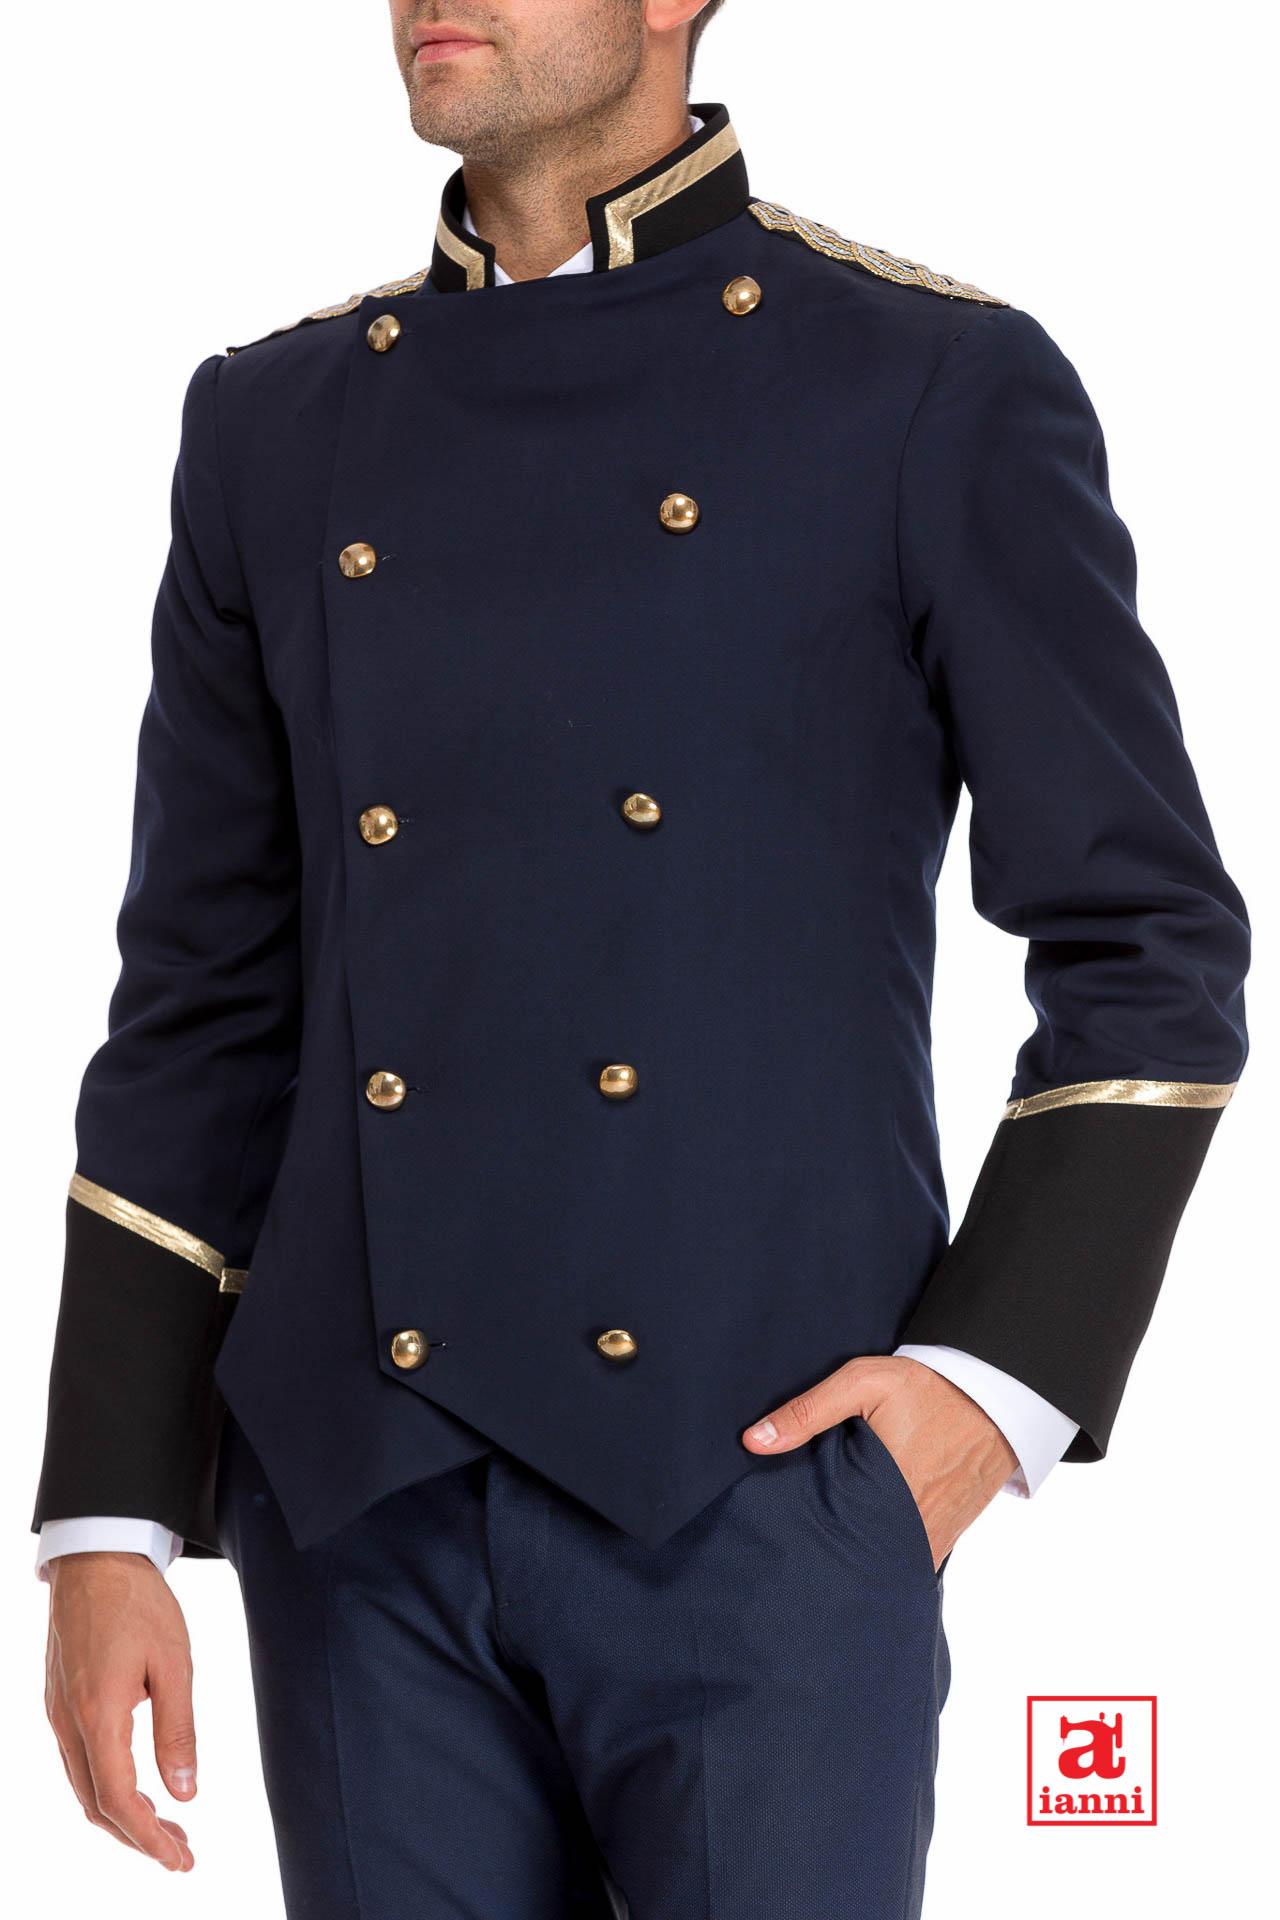 Uniforma bellboy